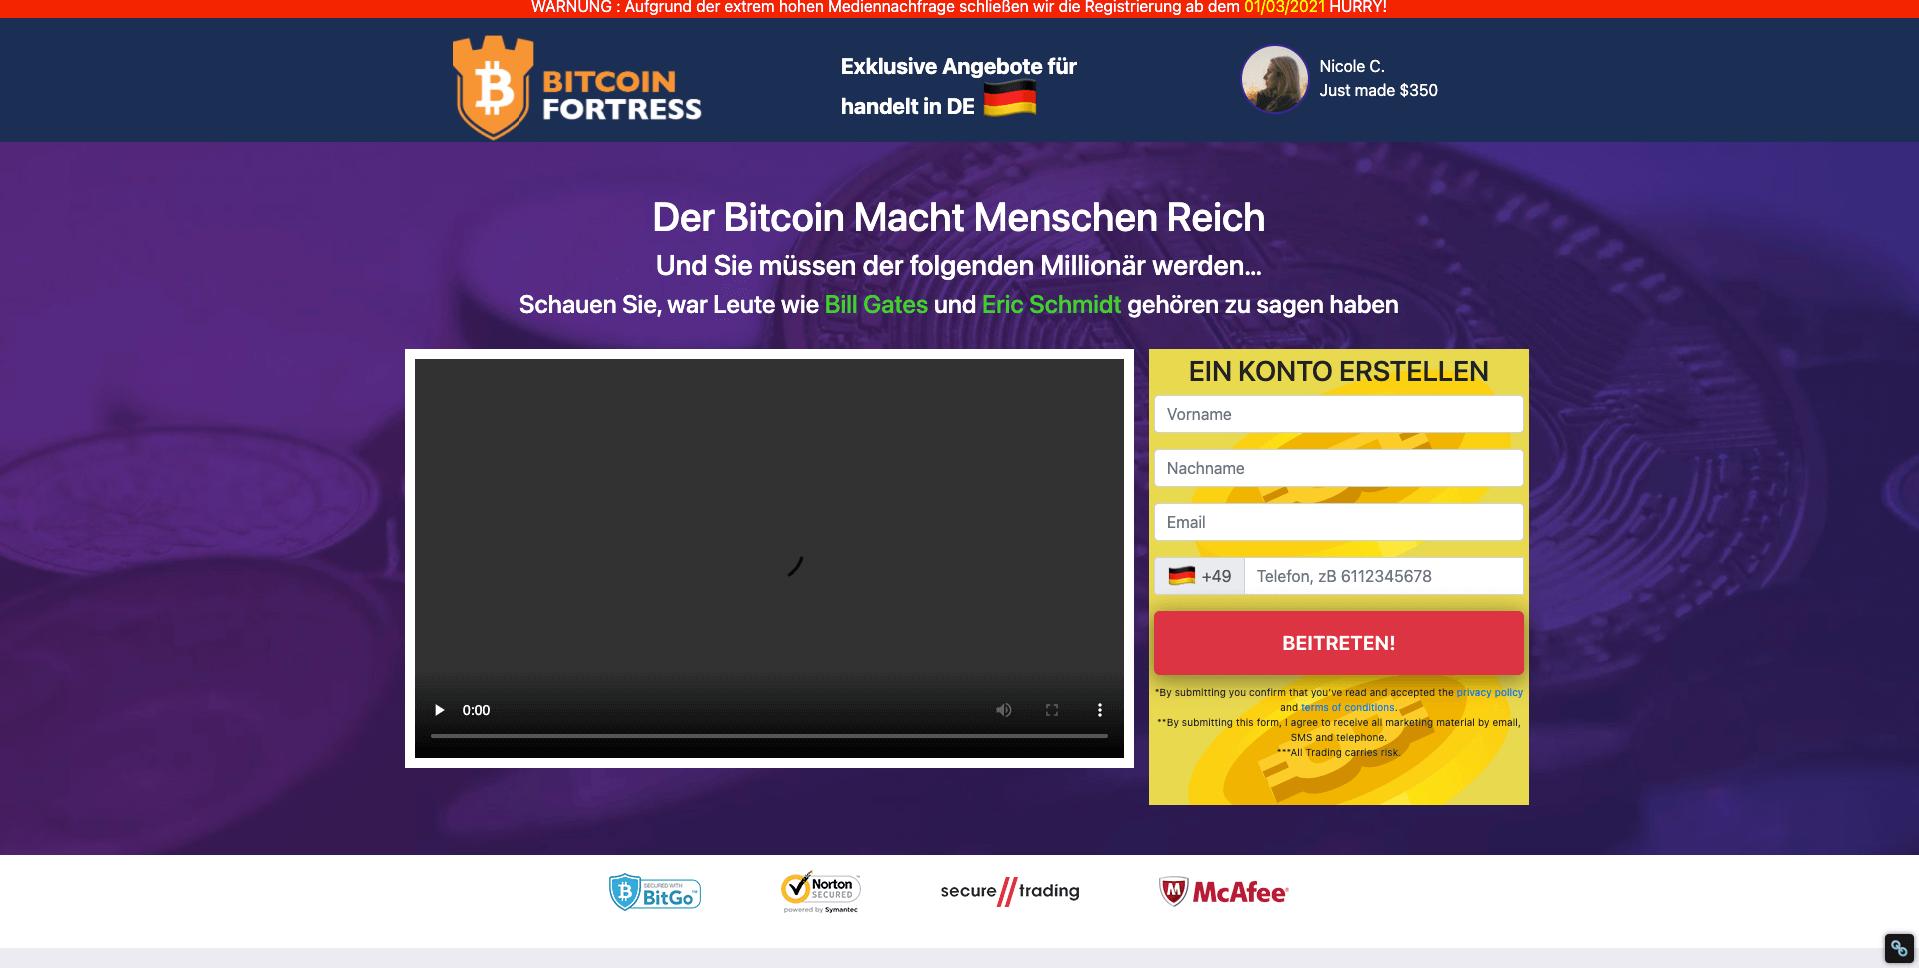 Bitcoin Fortress Registrierung